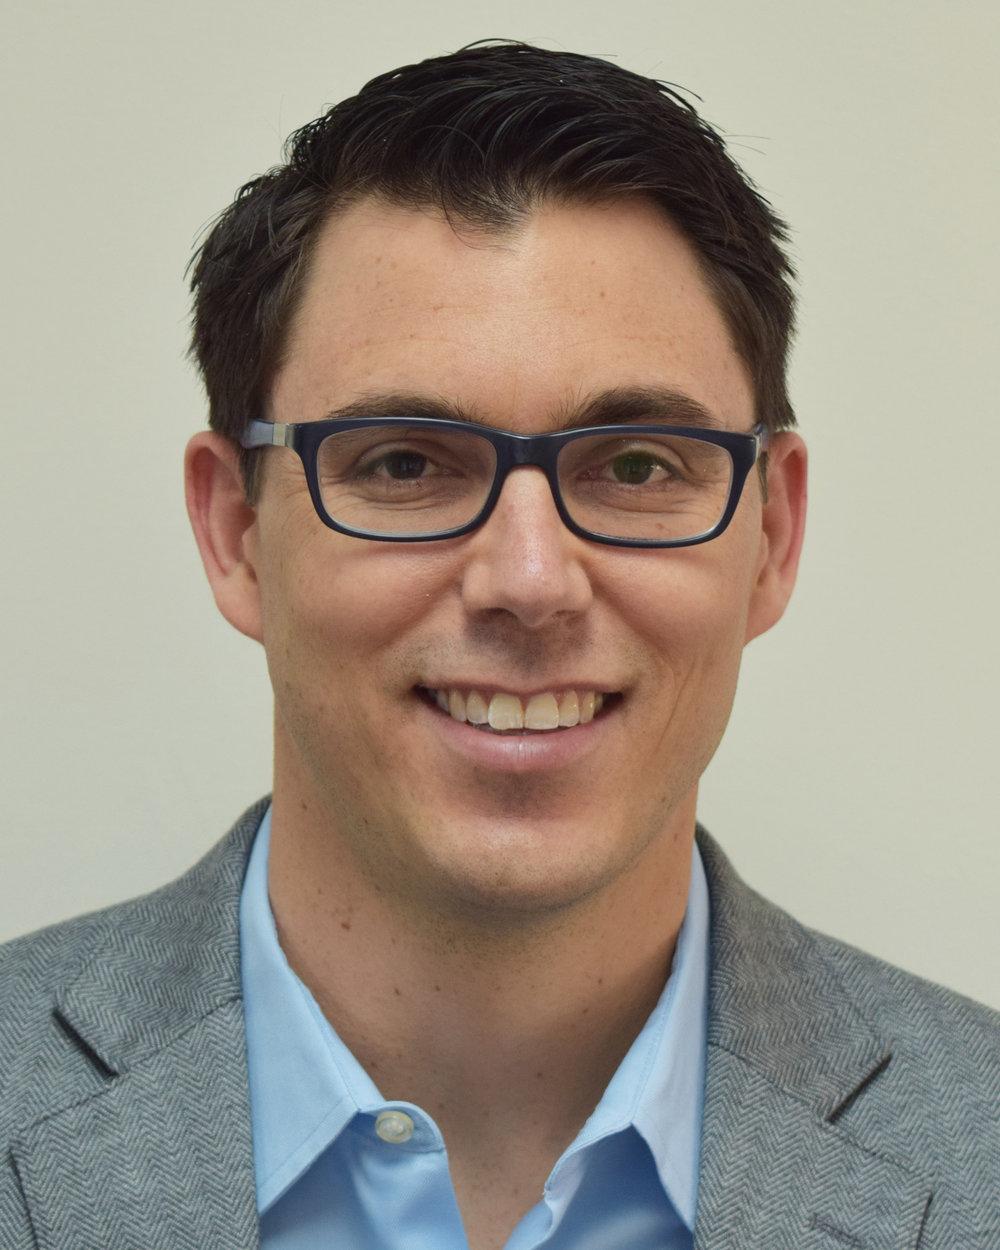 Dr. RJ Scaringe